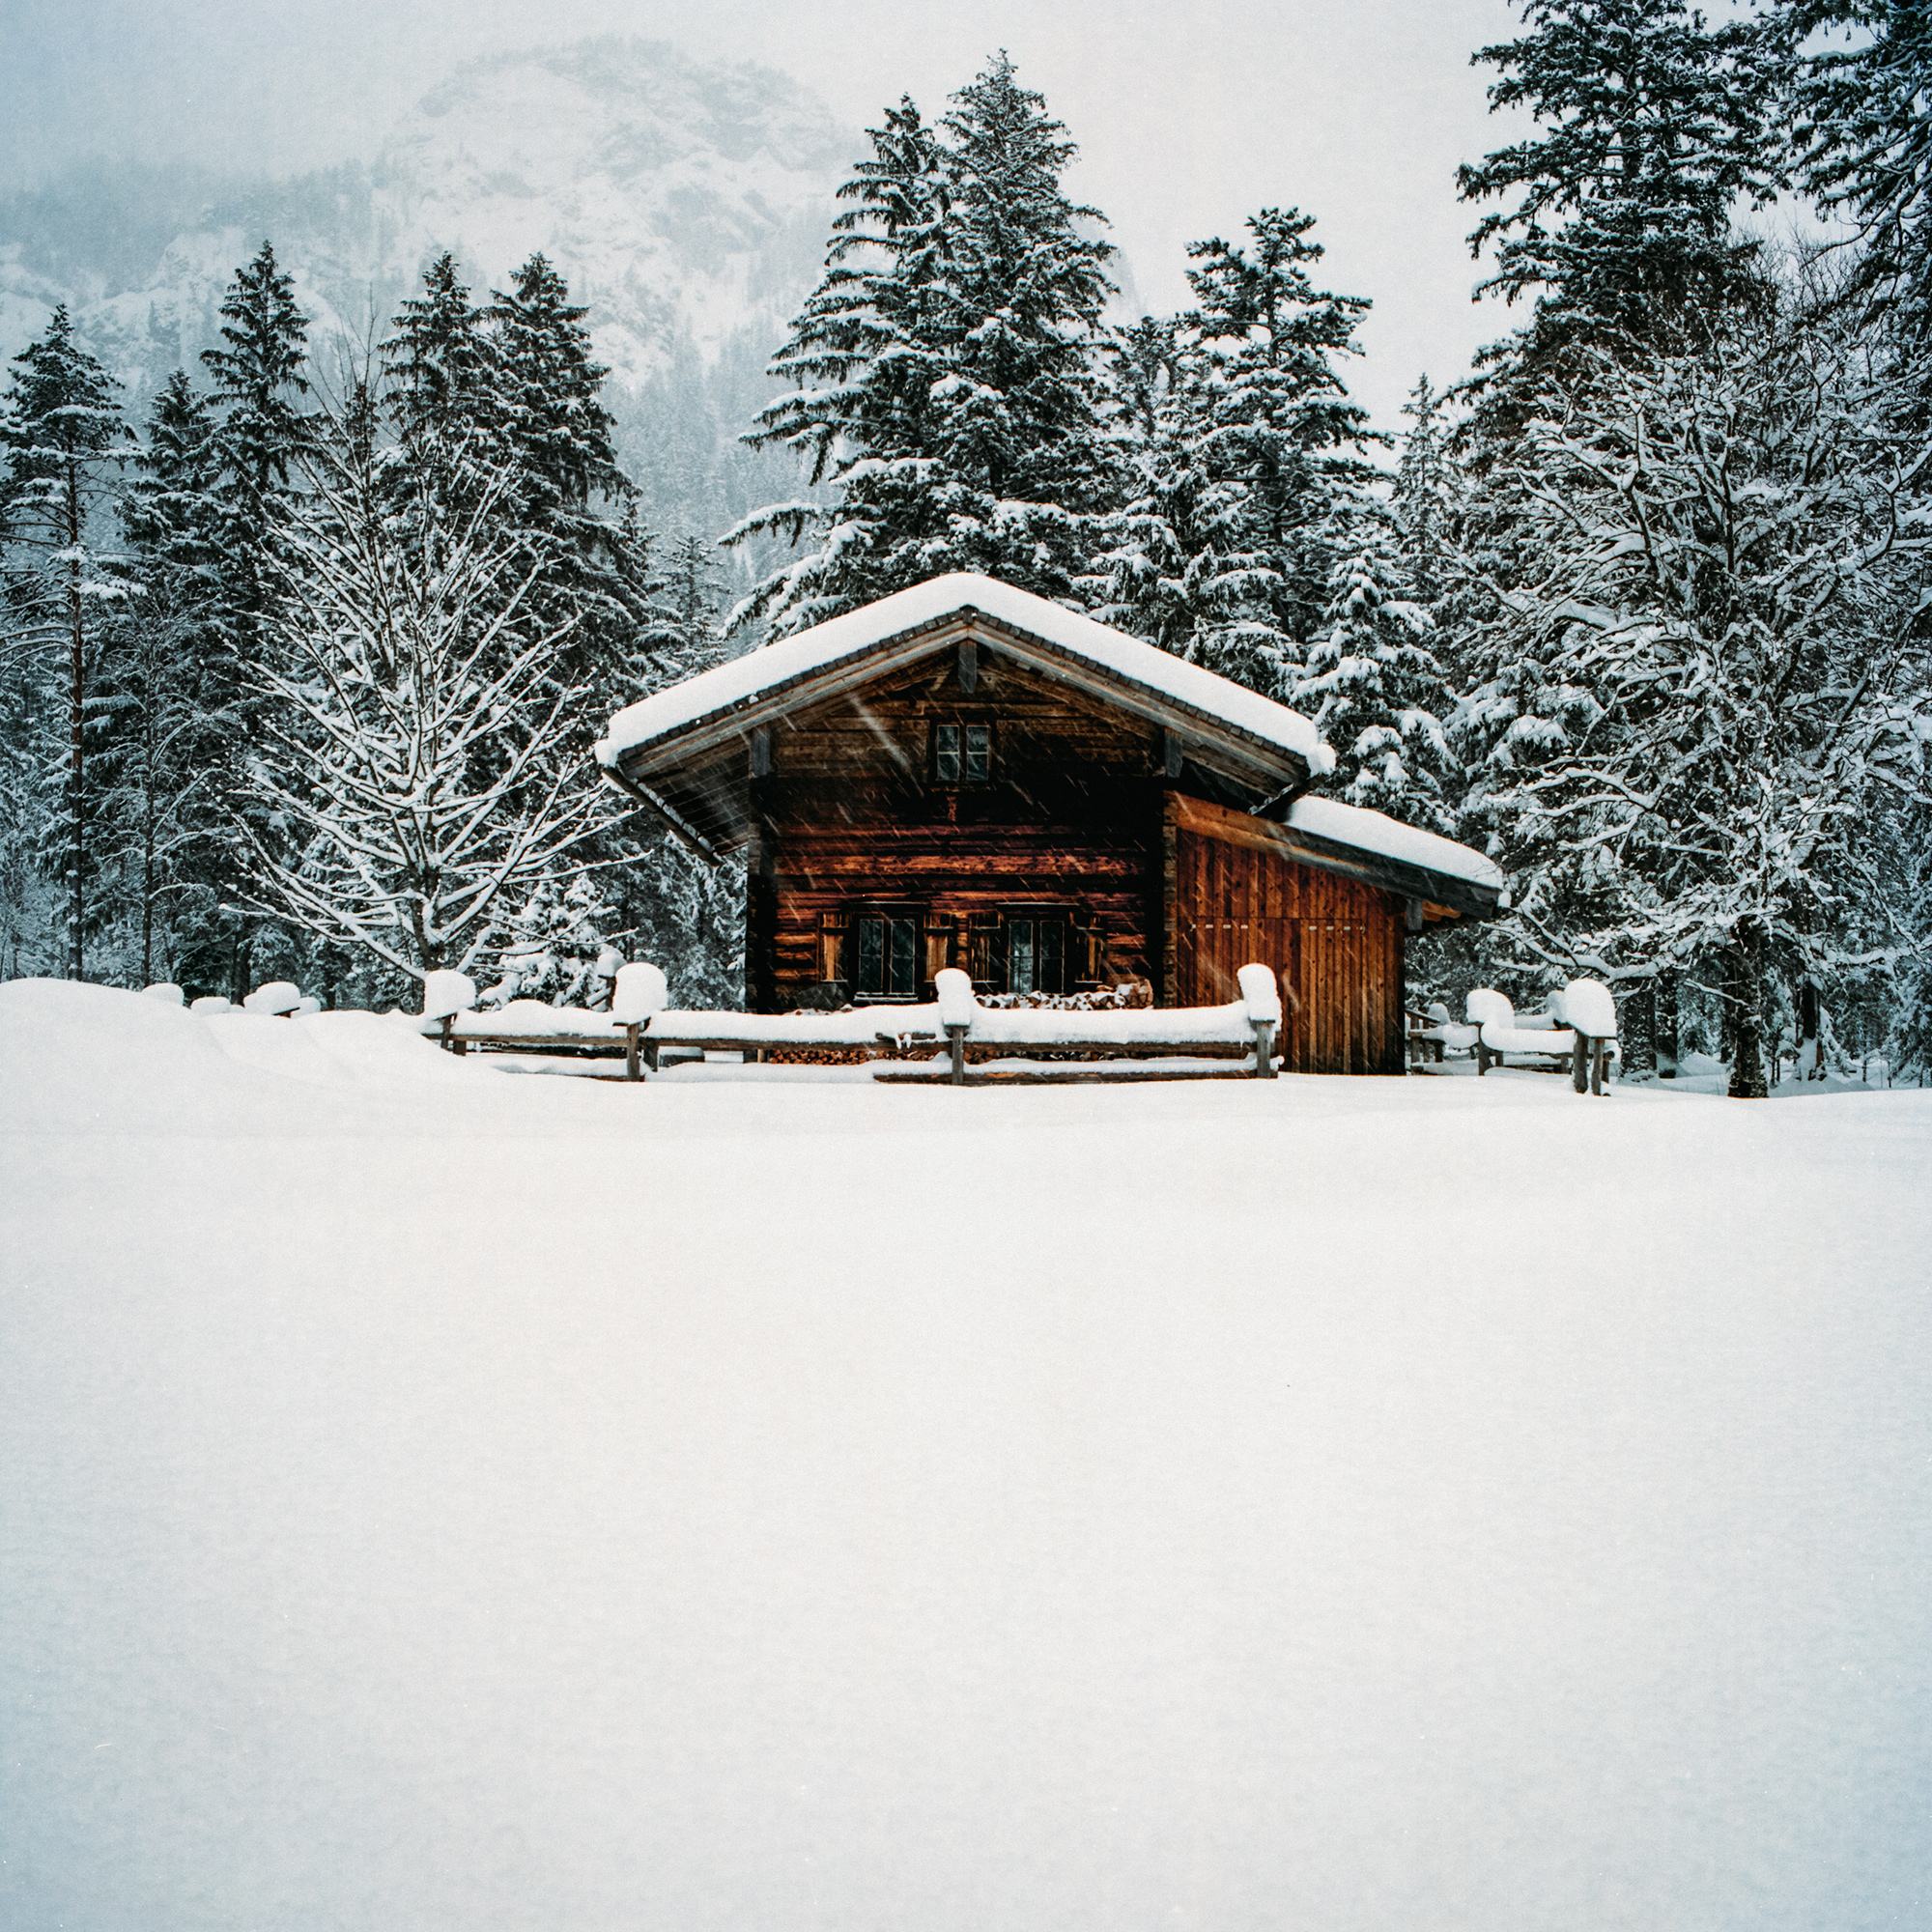 Blockhütte inmitten einer tollen Schneelandschaft